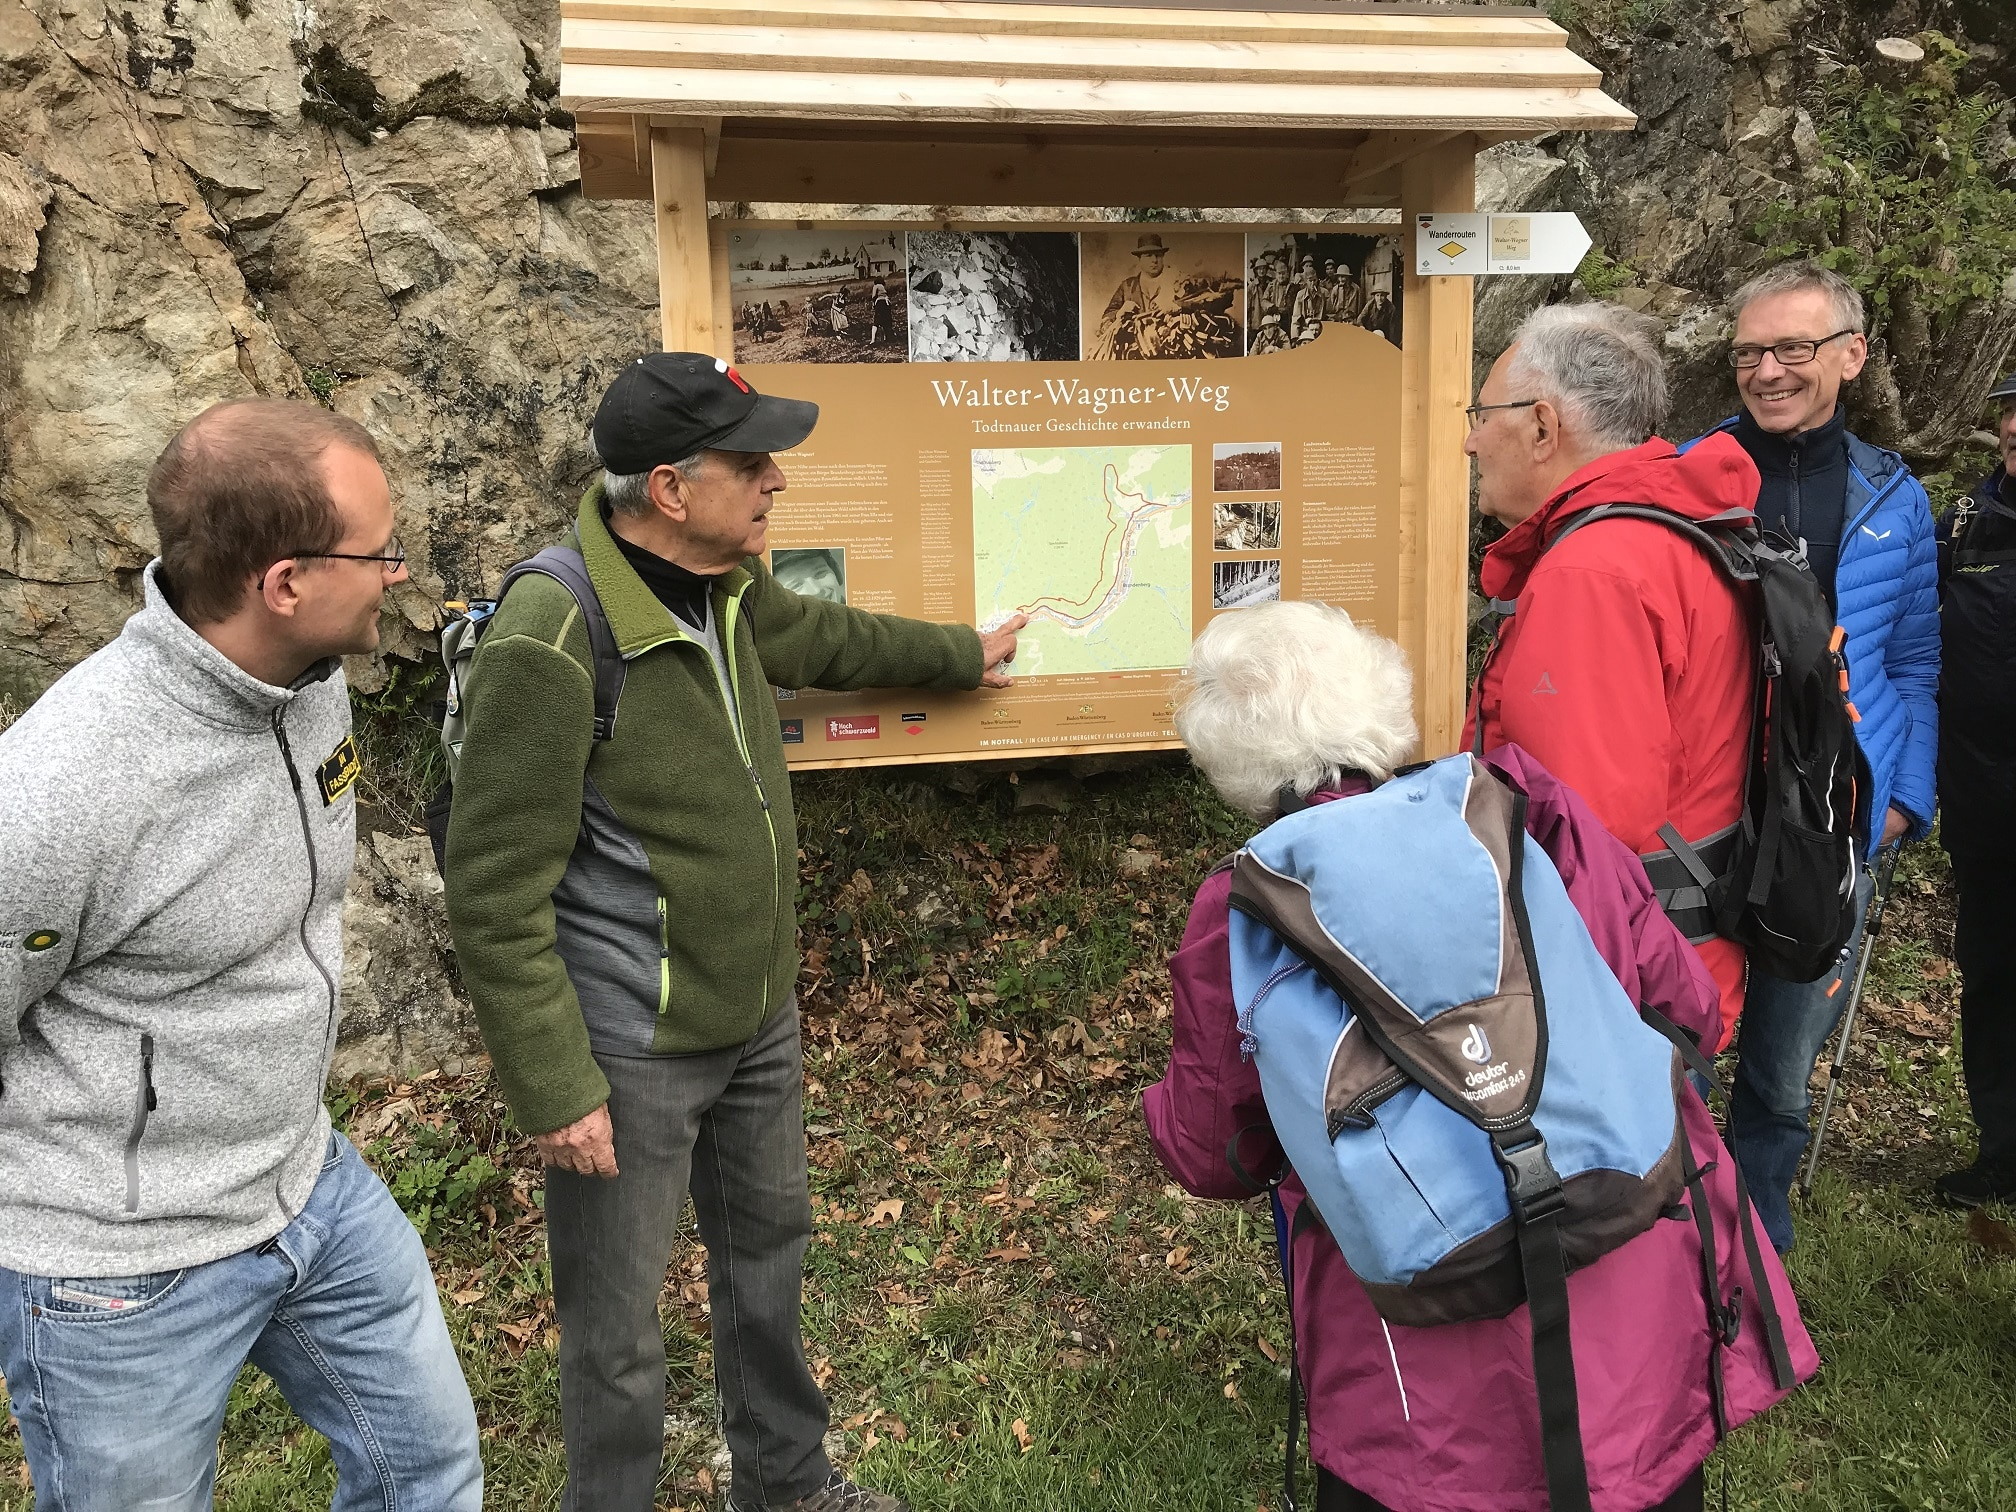 Walter-Wagner-Weg bietet Einblicke und Ausblicke in Todtnau